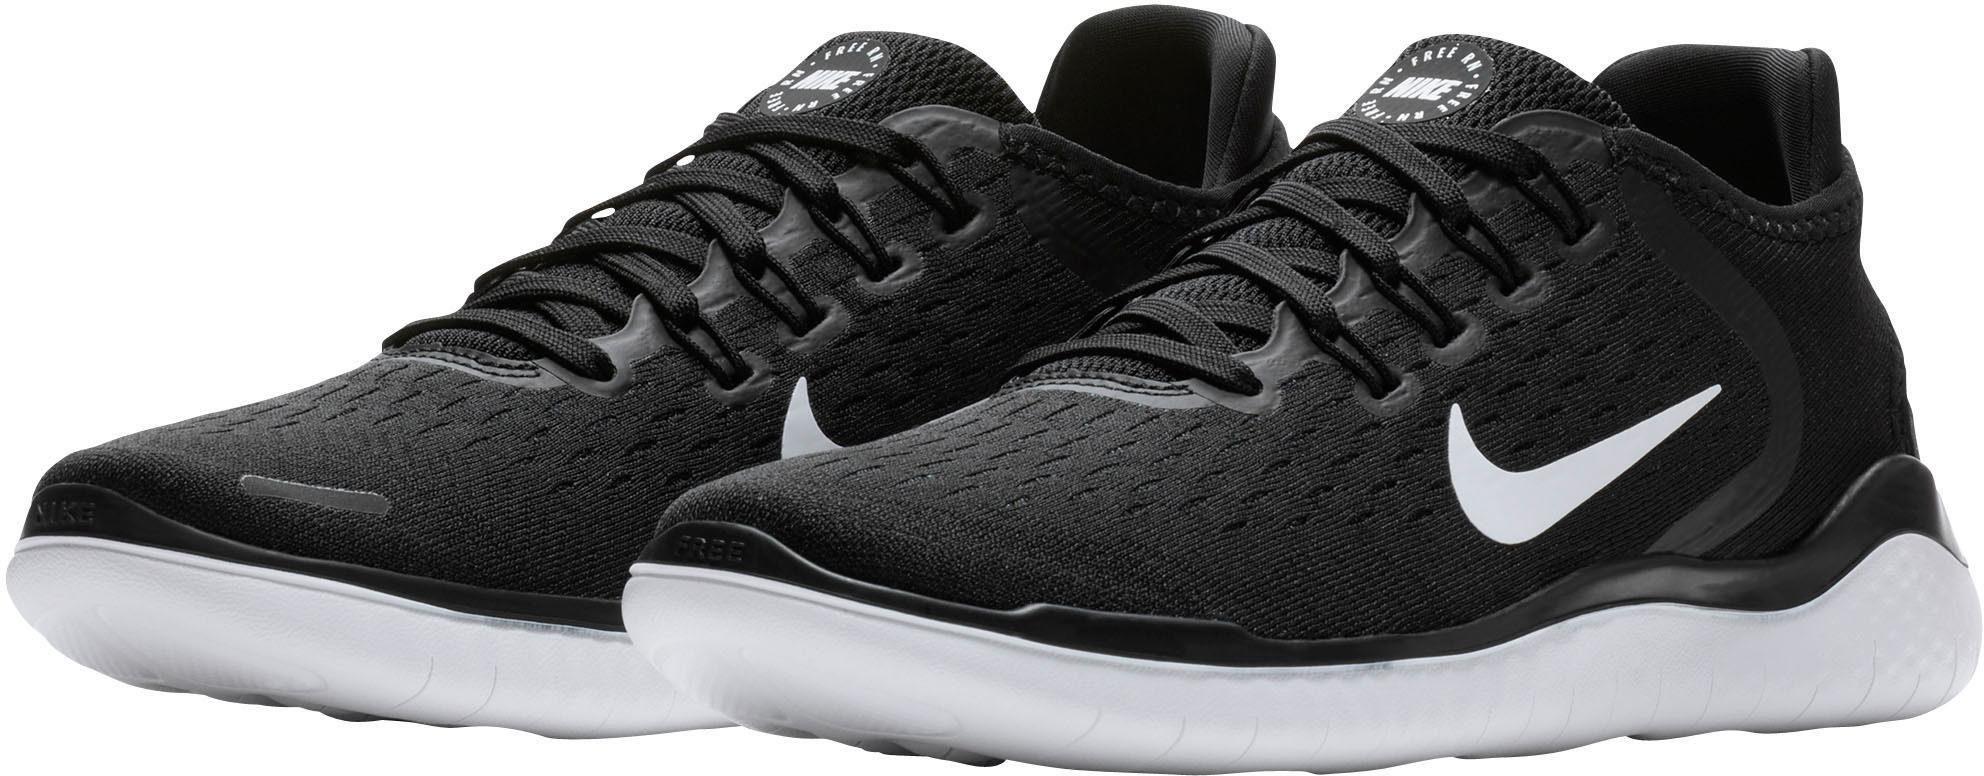 Nike »Free Run 2018« Laufschuh online kaufen | OTTO